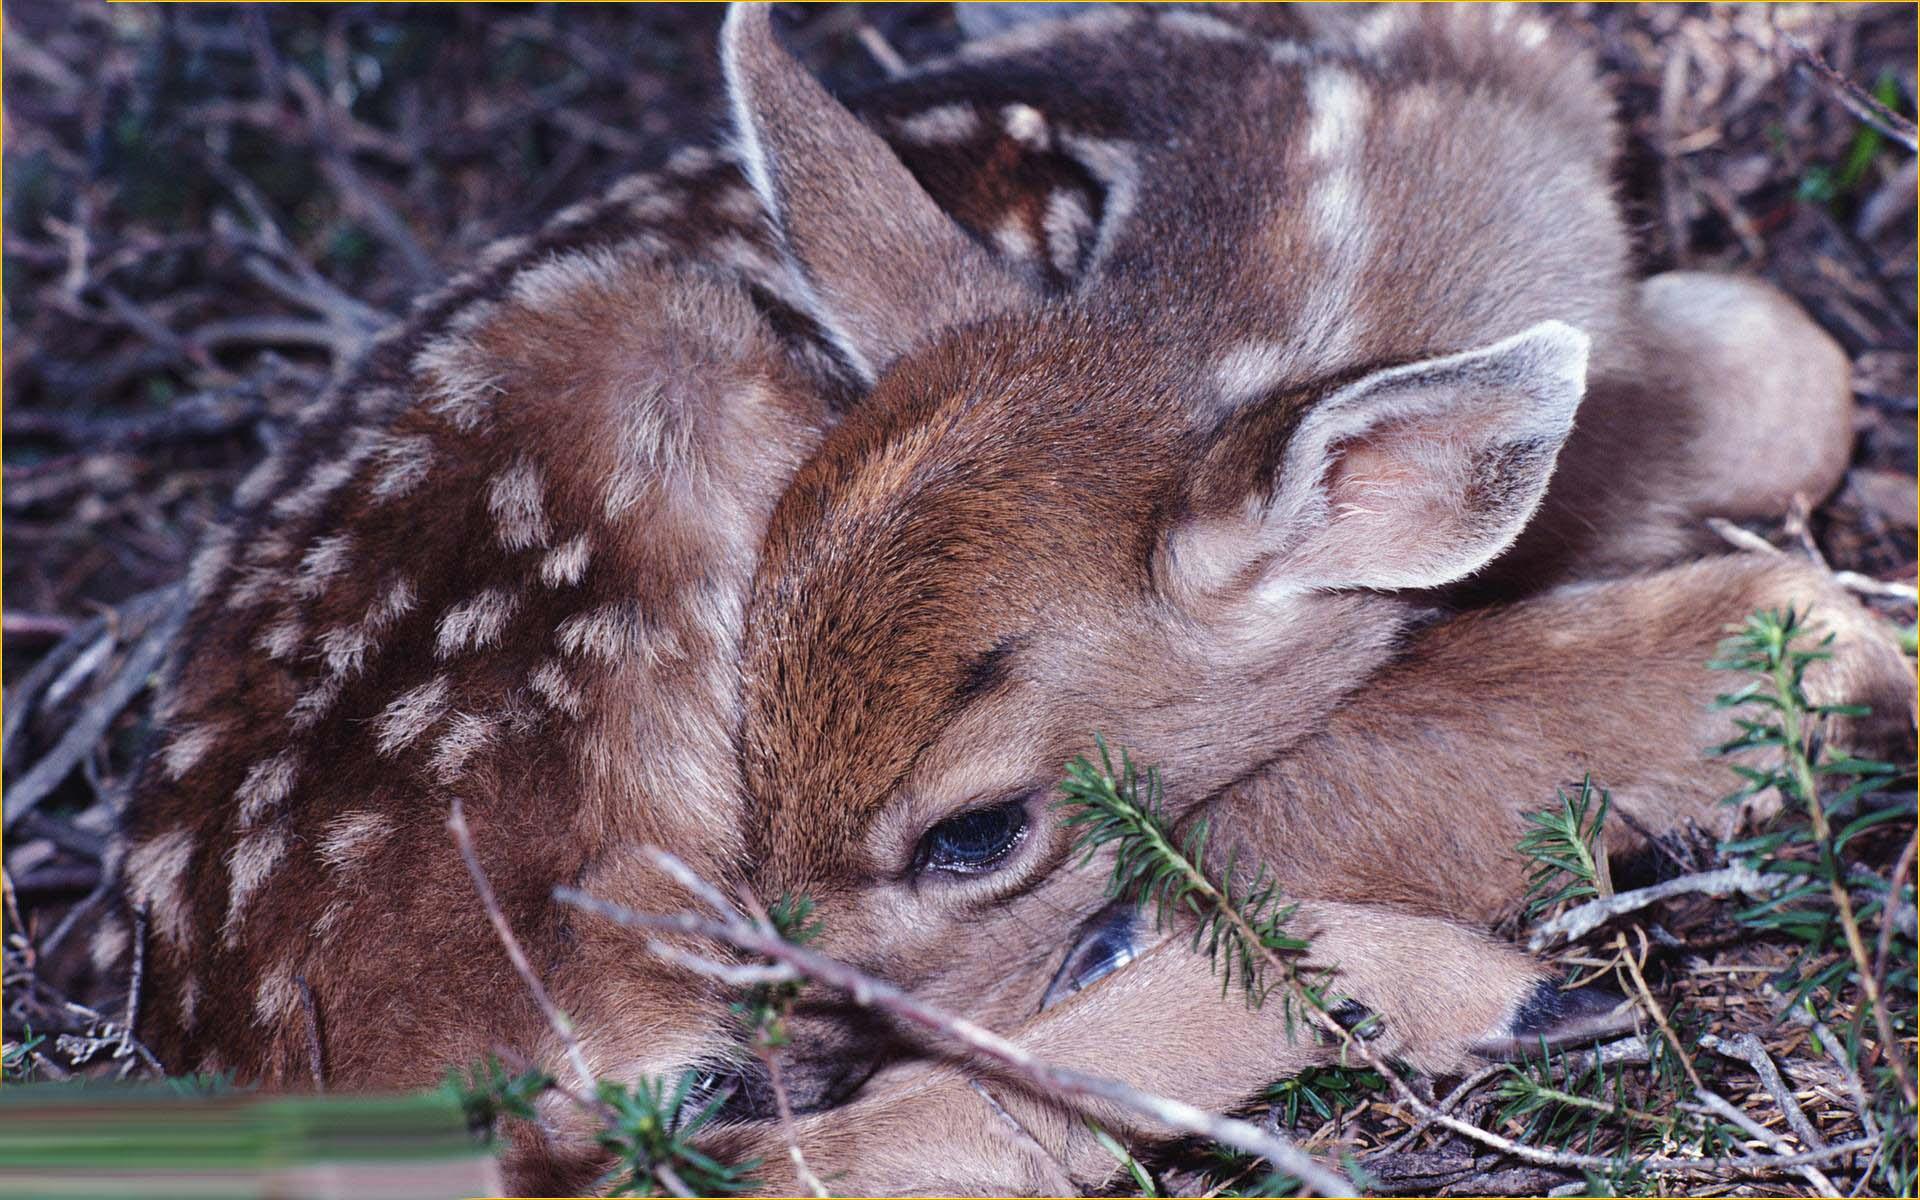 تصاویر پس زمینه زیبا از حیوانات